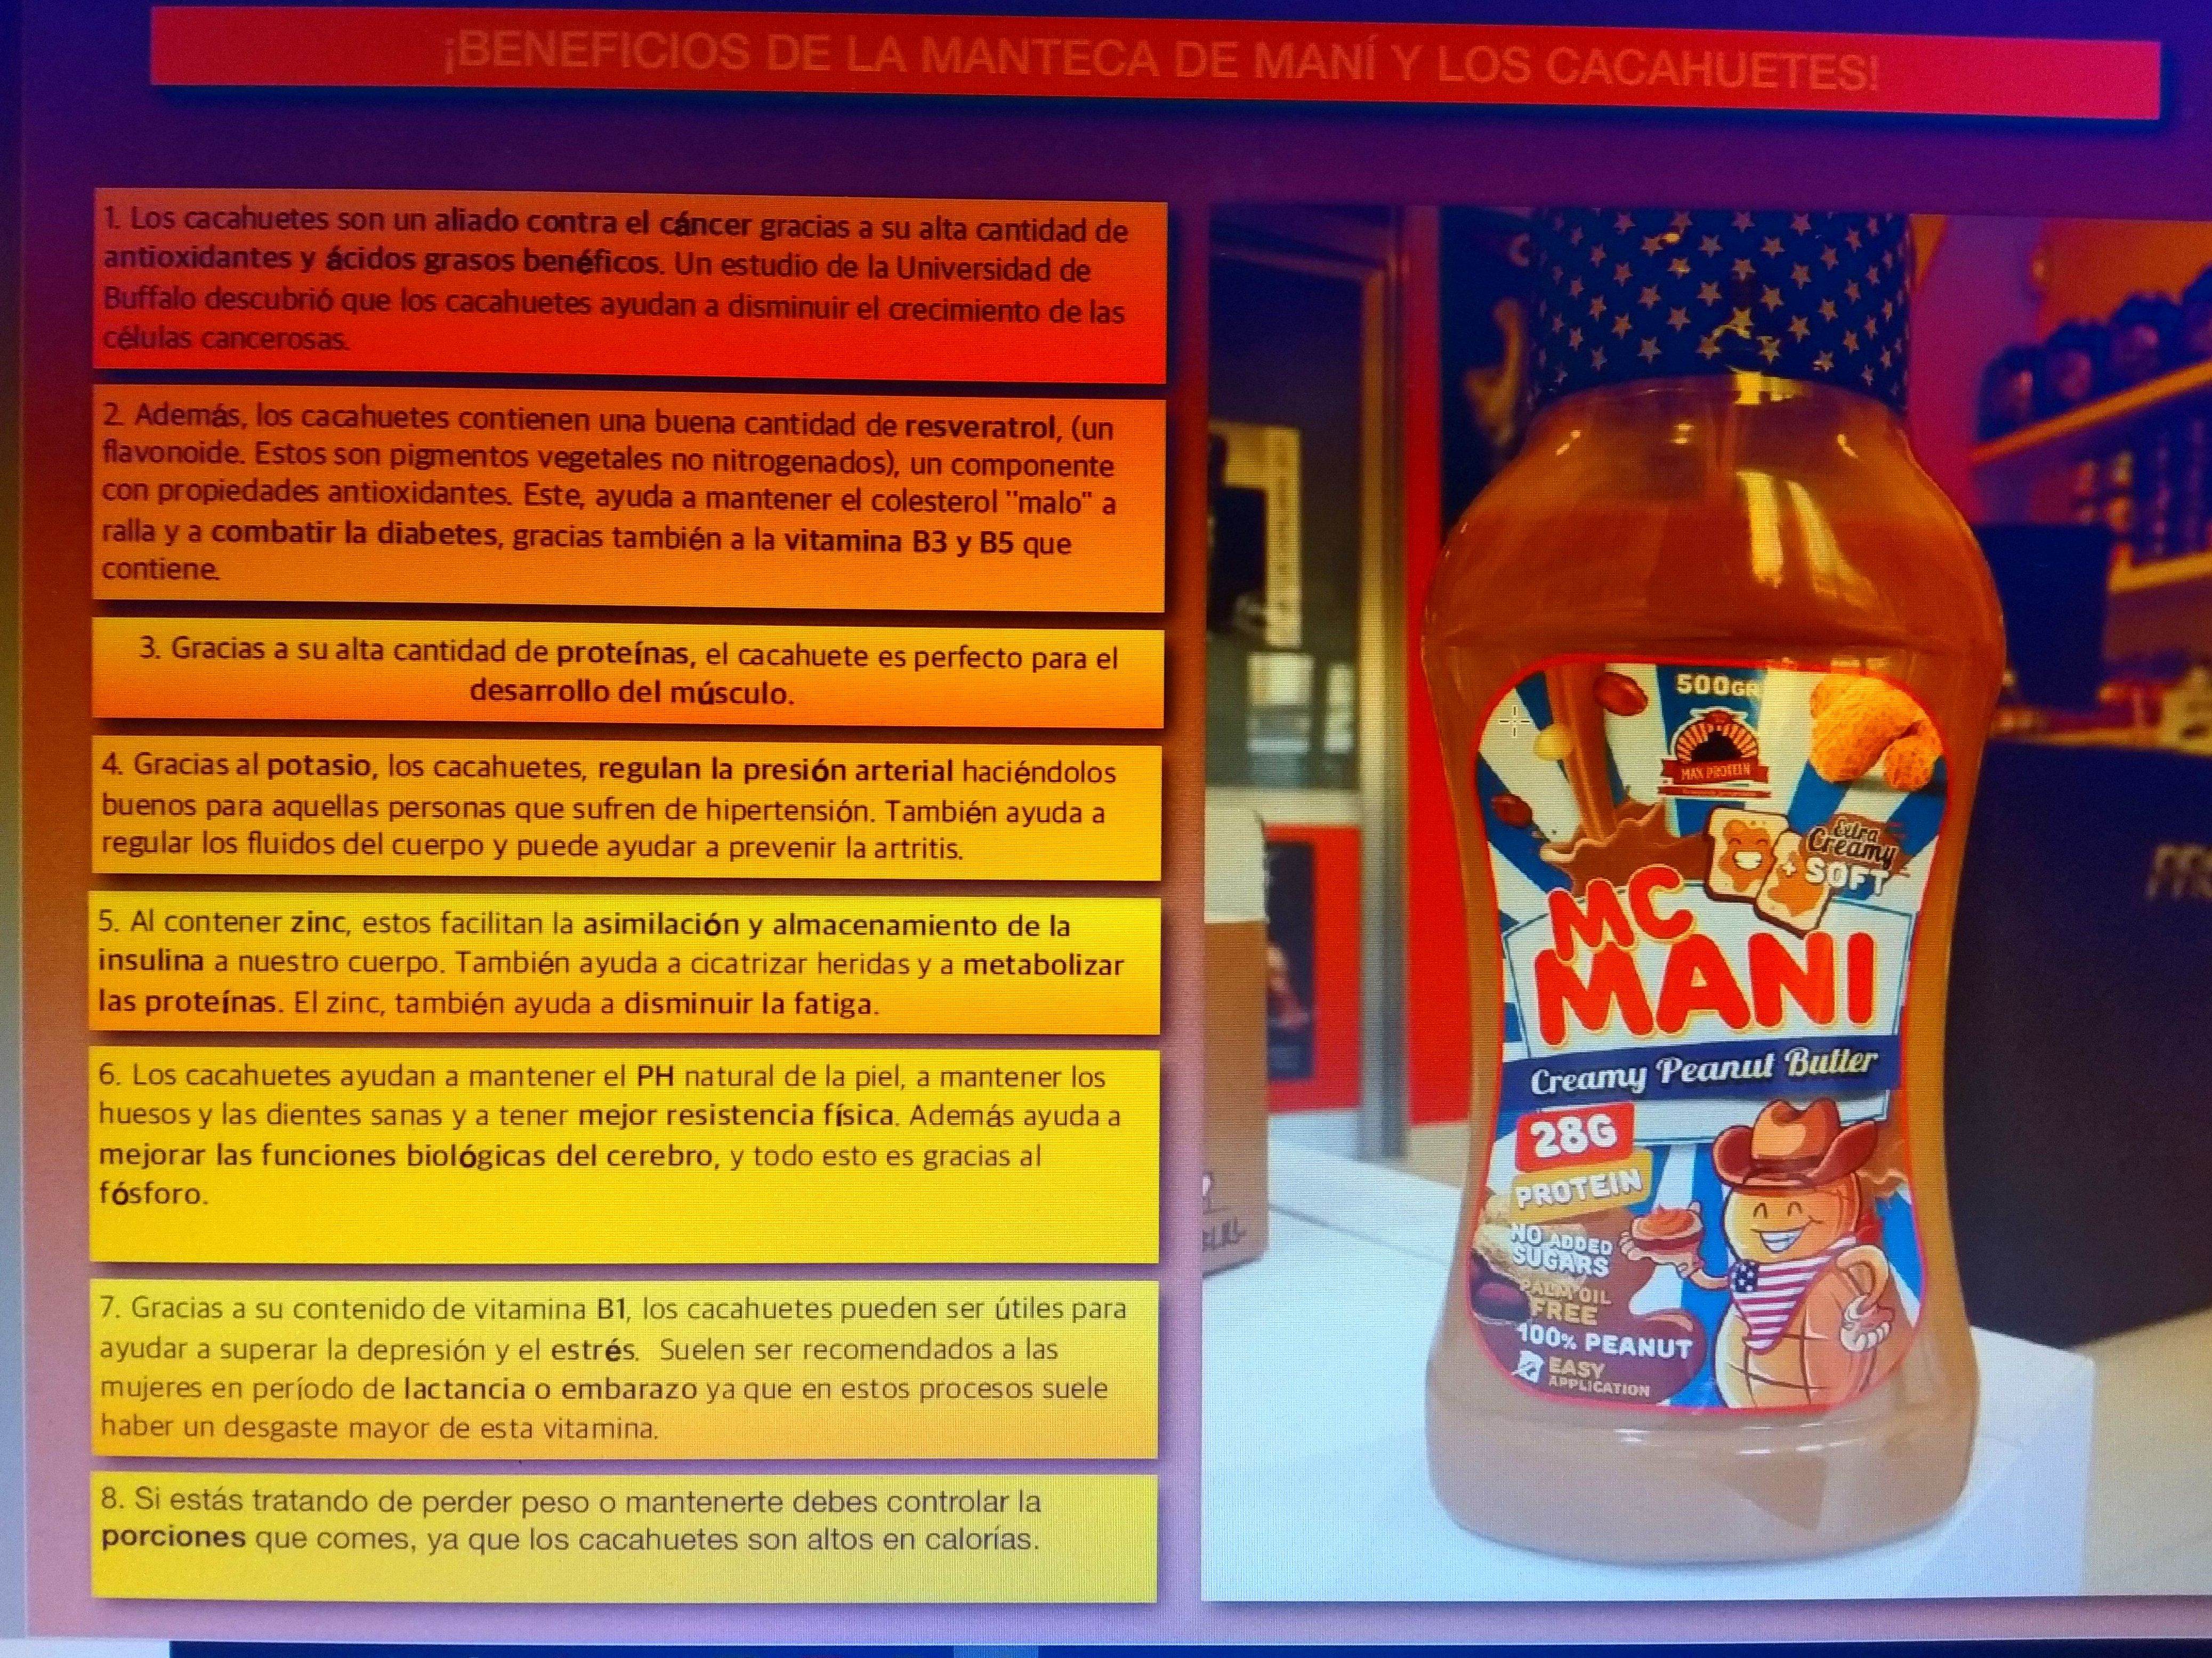 Crema de cacahuete McManni MaxProtein